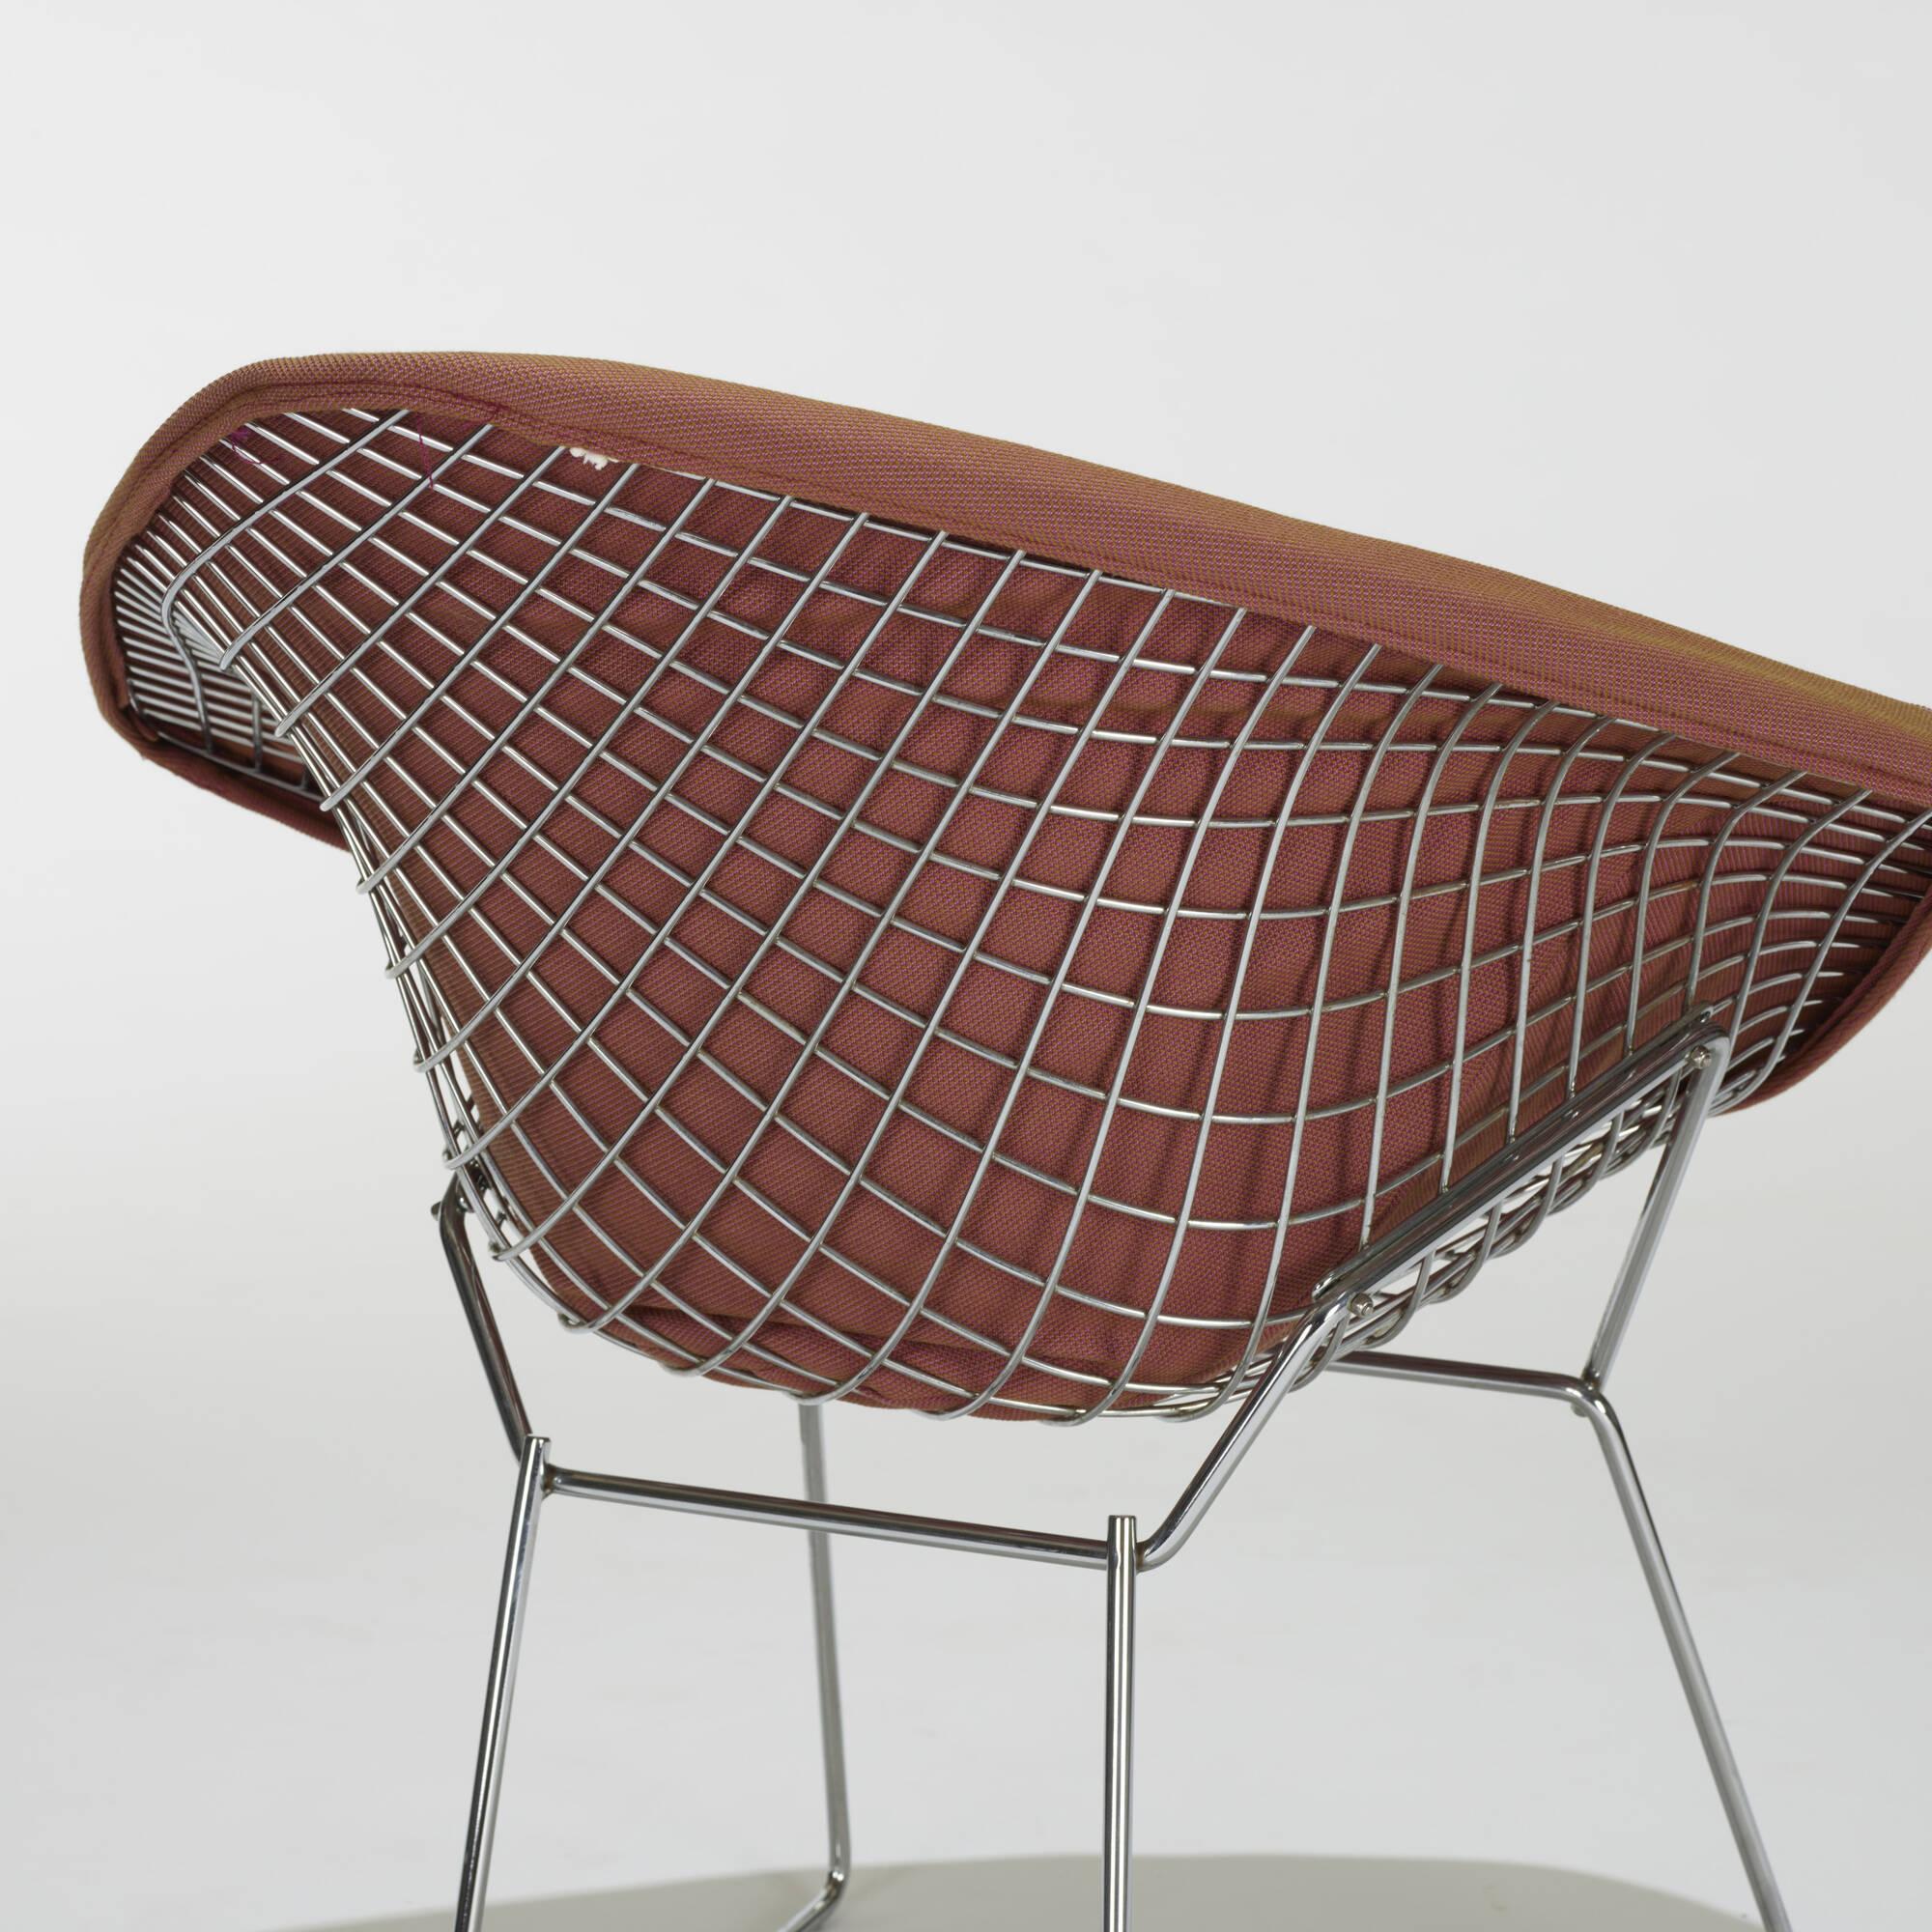 193: Harry Bertoia / Diamond Chairs, Pair (2 Of 2)